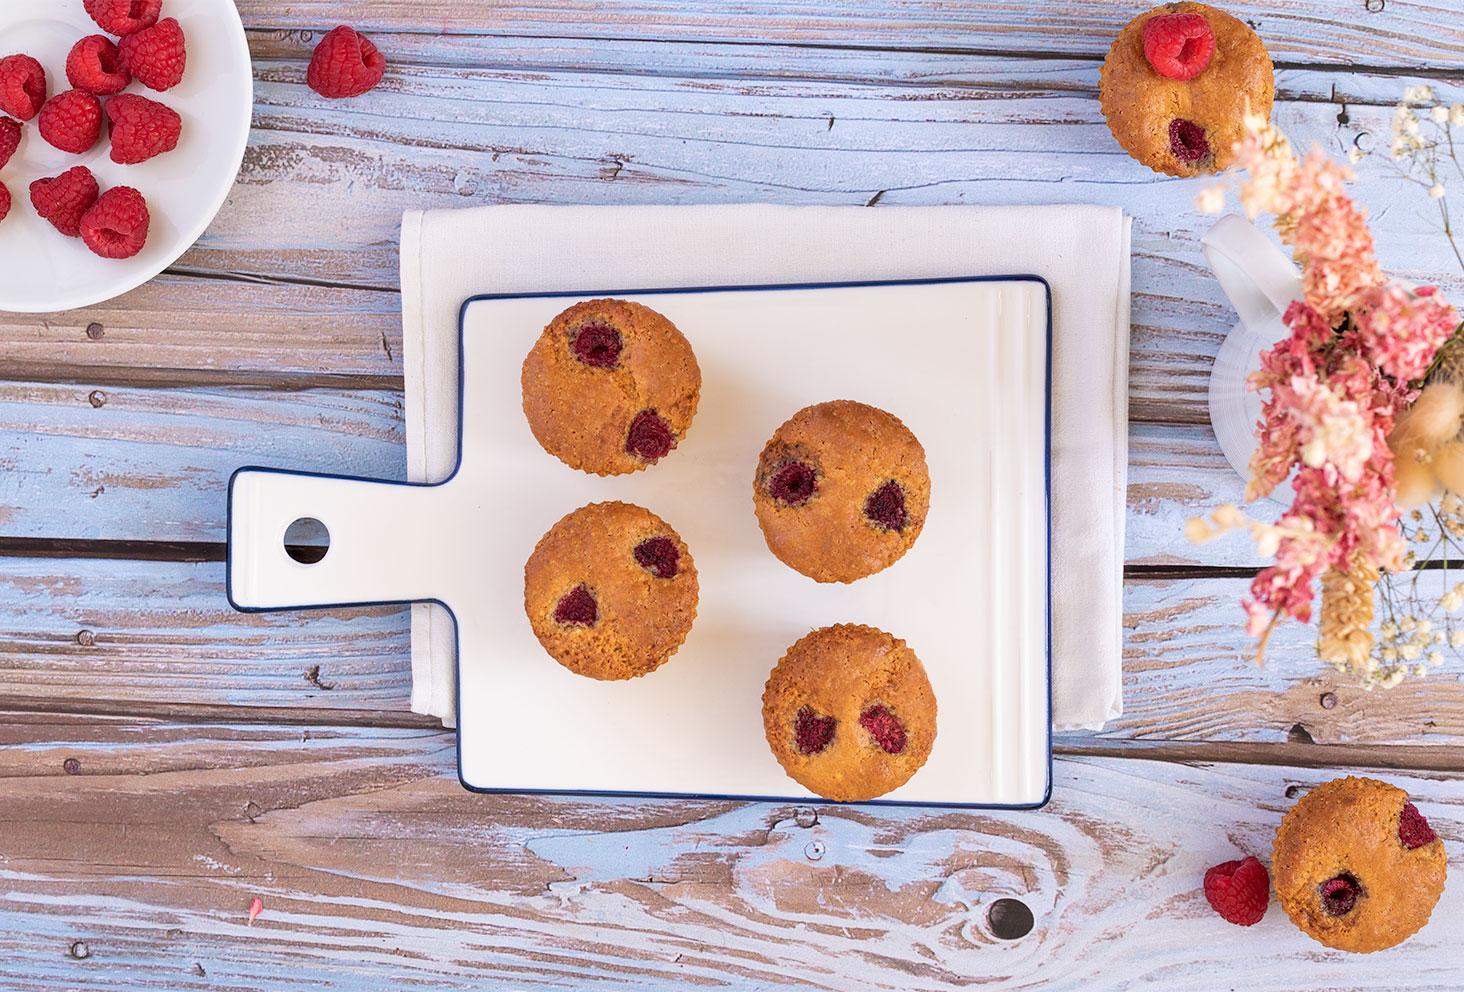 Muffins aux framboises et à la noisette, en flatlay posé sur une planche en verre blanche sur une table en bois bleutée